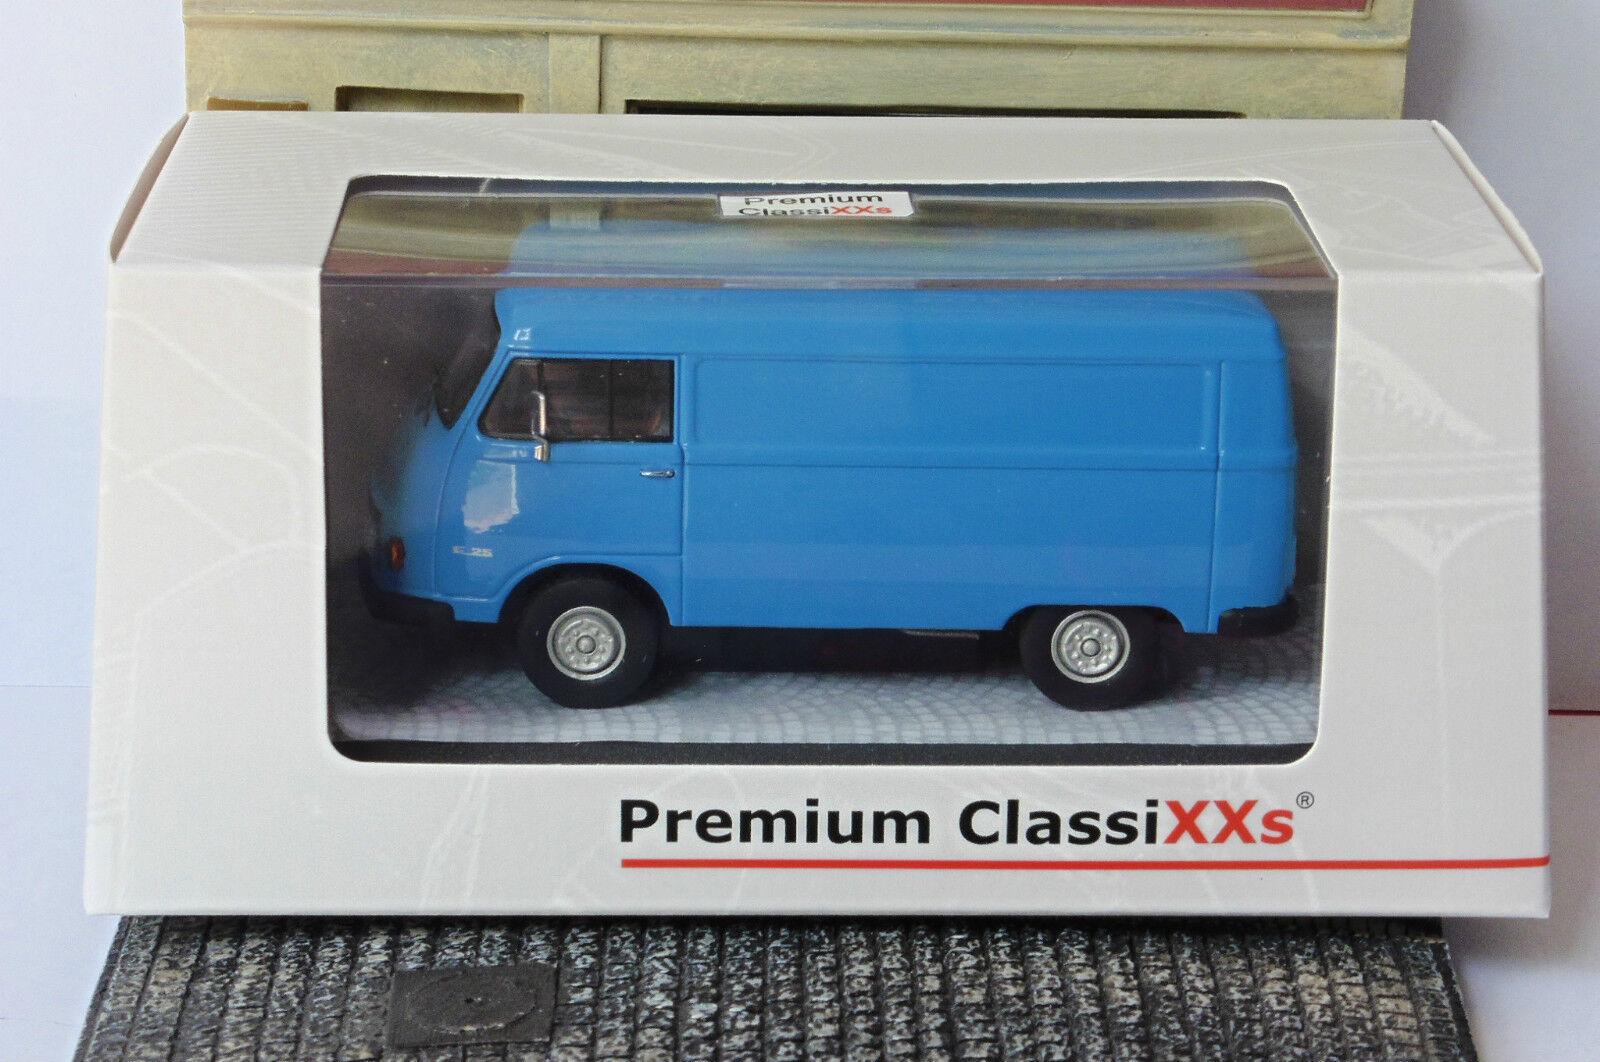 HANOMAG F25 F25 F25 KASTENWAGEN blue 1965 PREMIUM CLASSIXXS 13400 1 43 TOLE blueE blue 3c7f0f